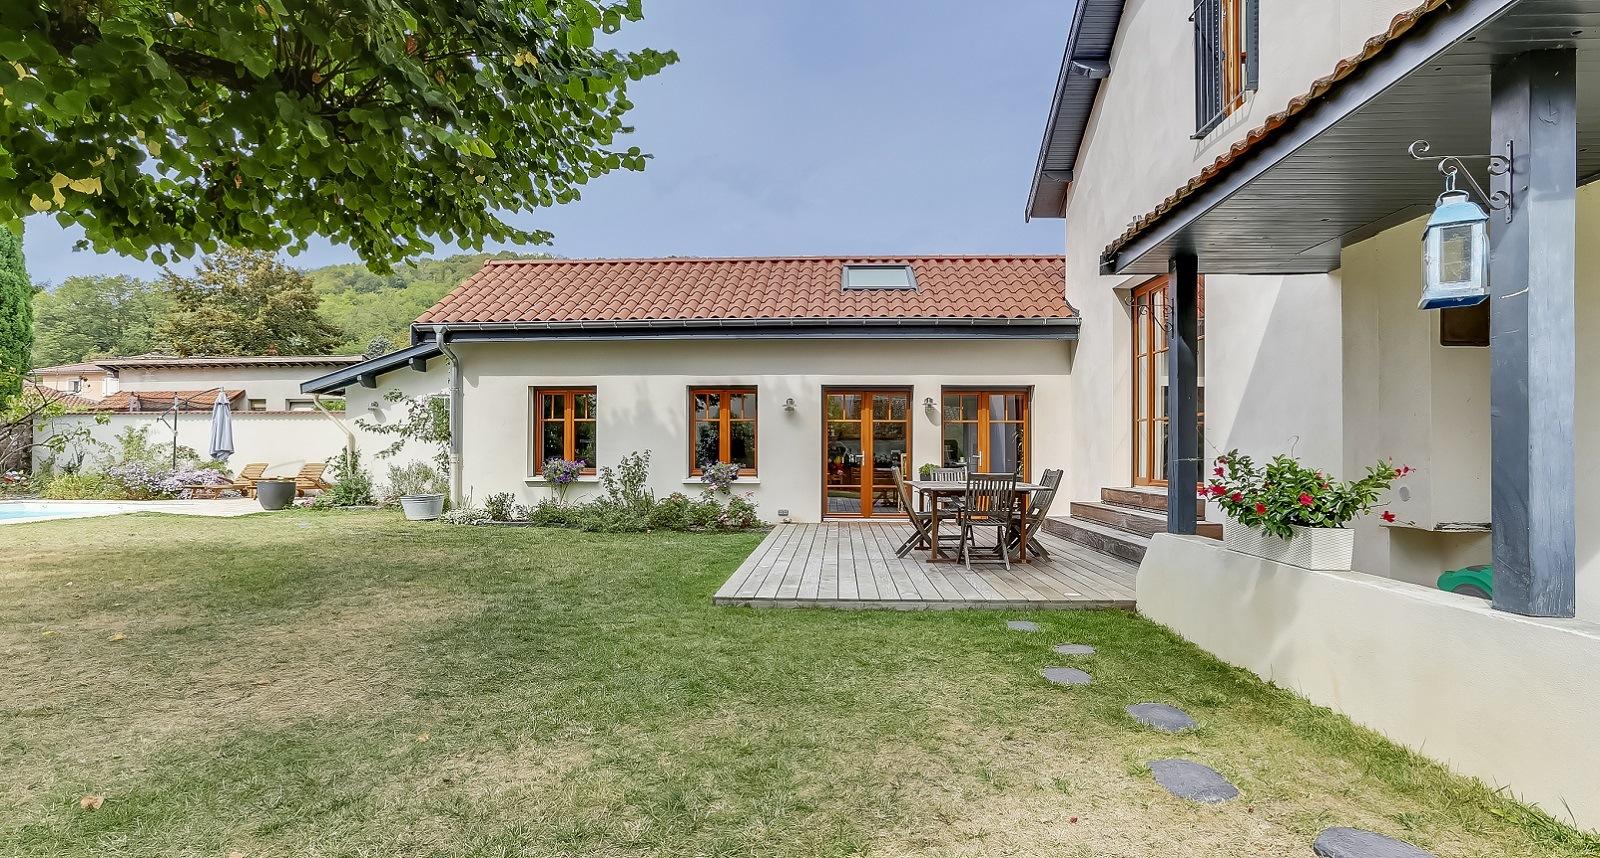 Prix Amenagement Comble 20M2 prix pour une rallonge de maison - agrandir ma maison